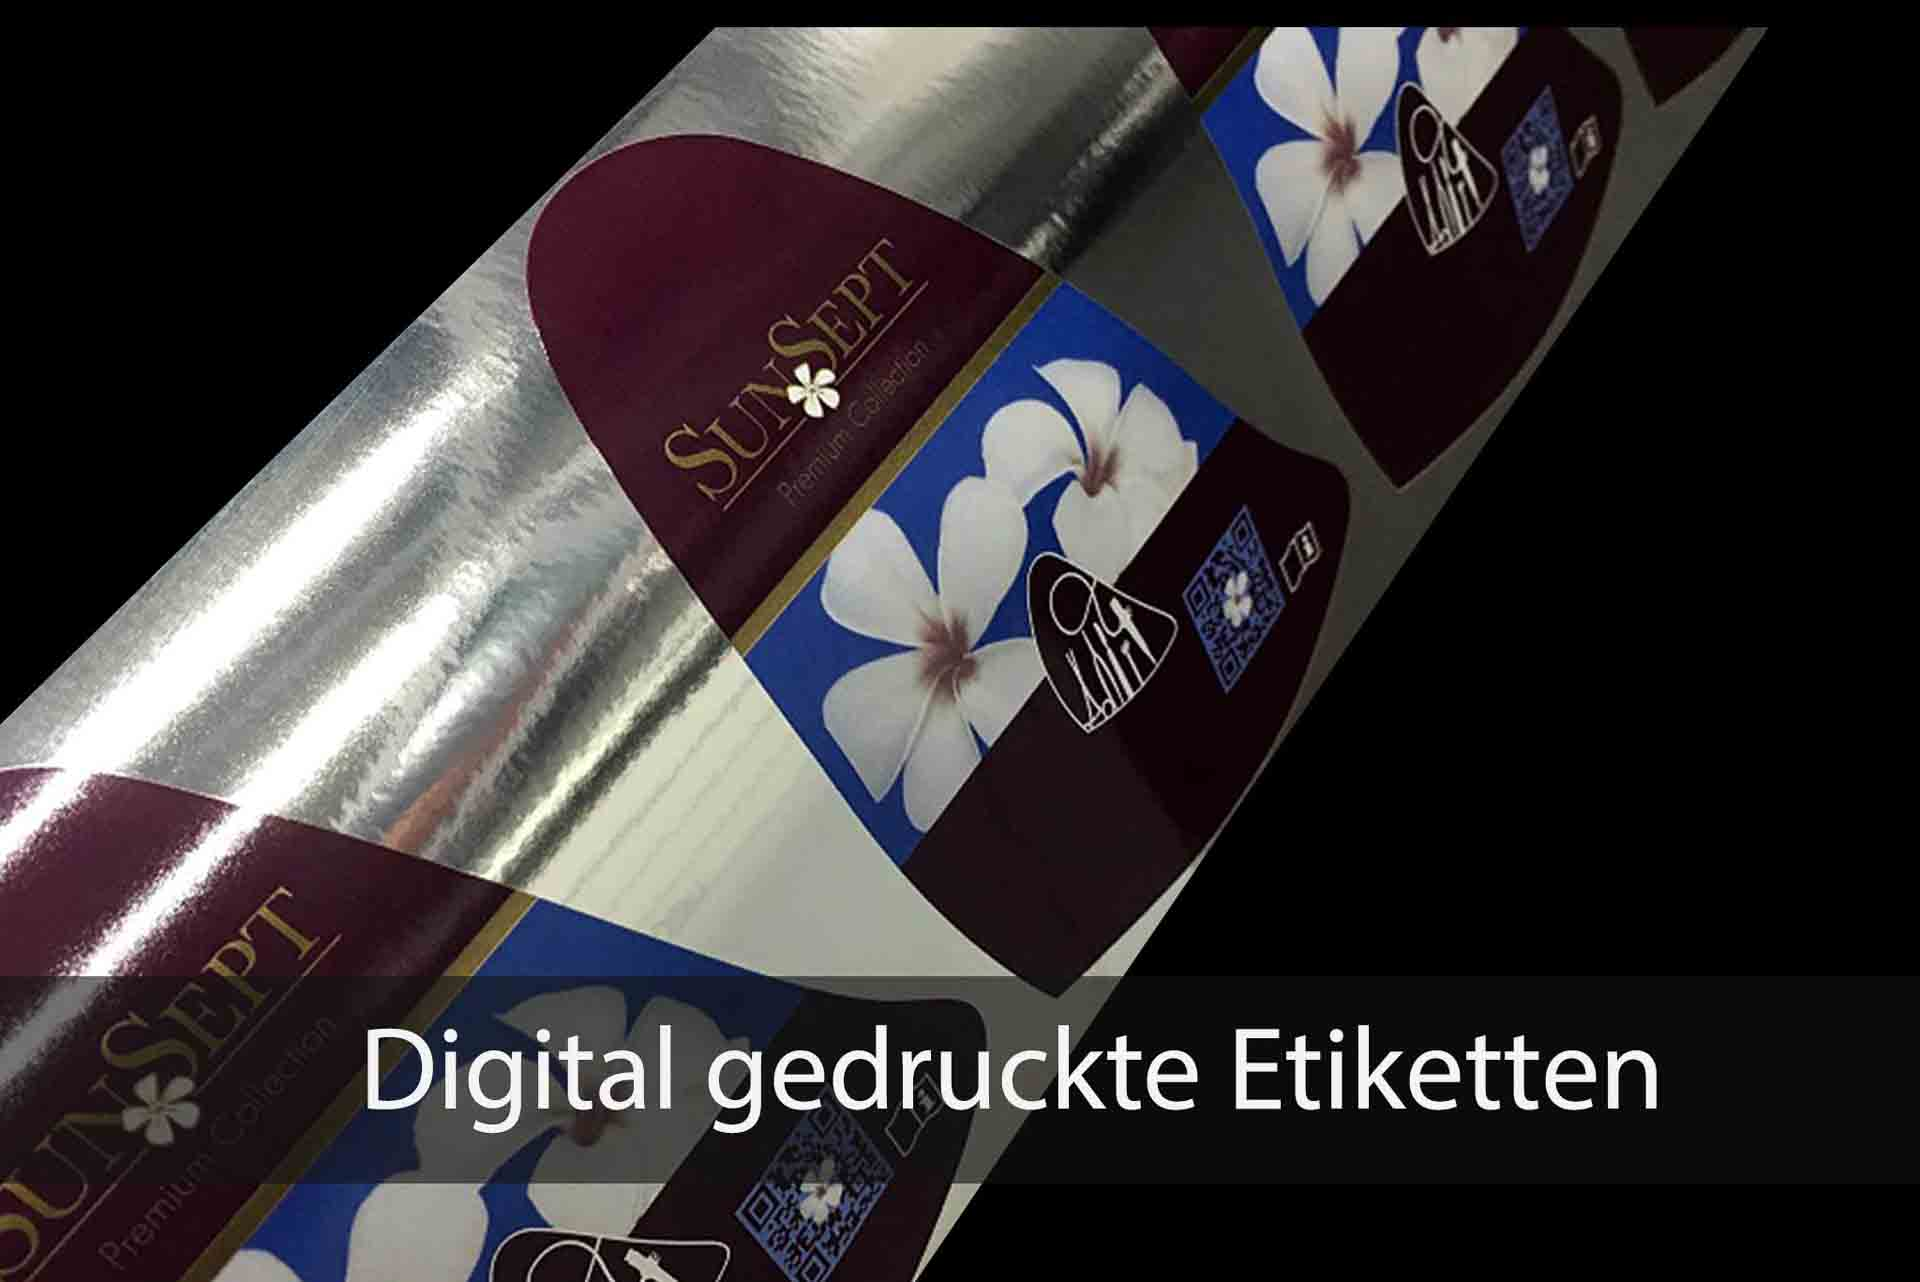 Digital gedruckte Etiketten | Papier-Schäfer GmbH & Co. KG